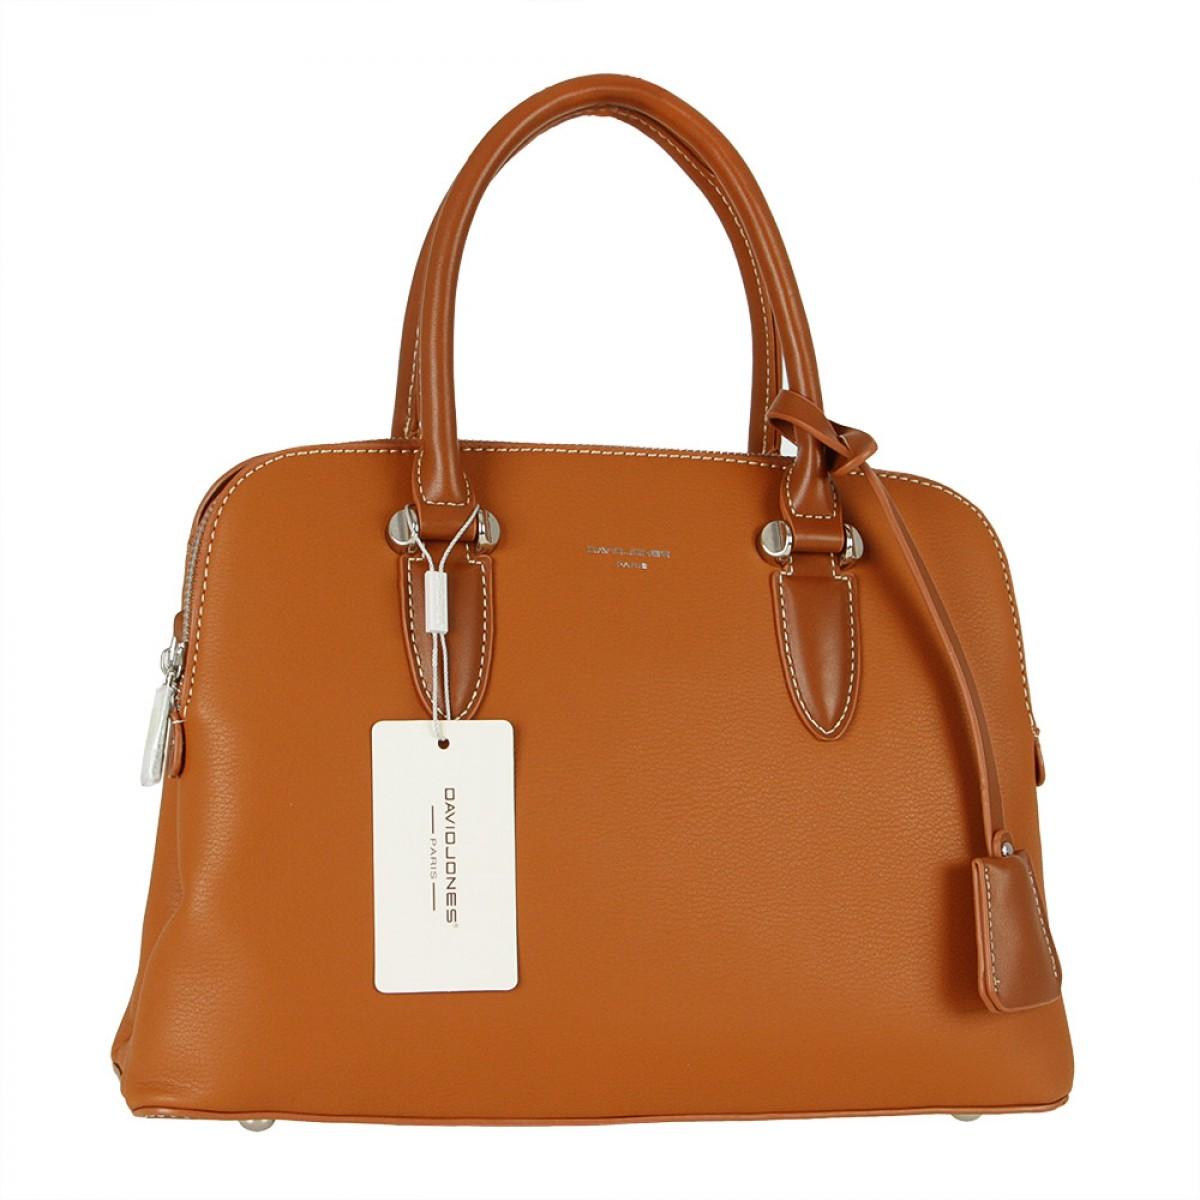 Жіноча сумка David Jones  6207-1A COGNAC